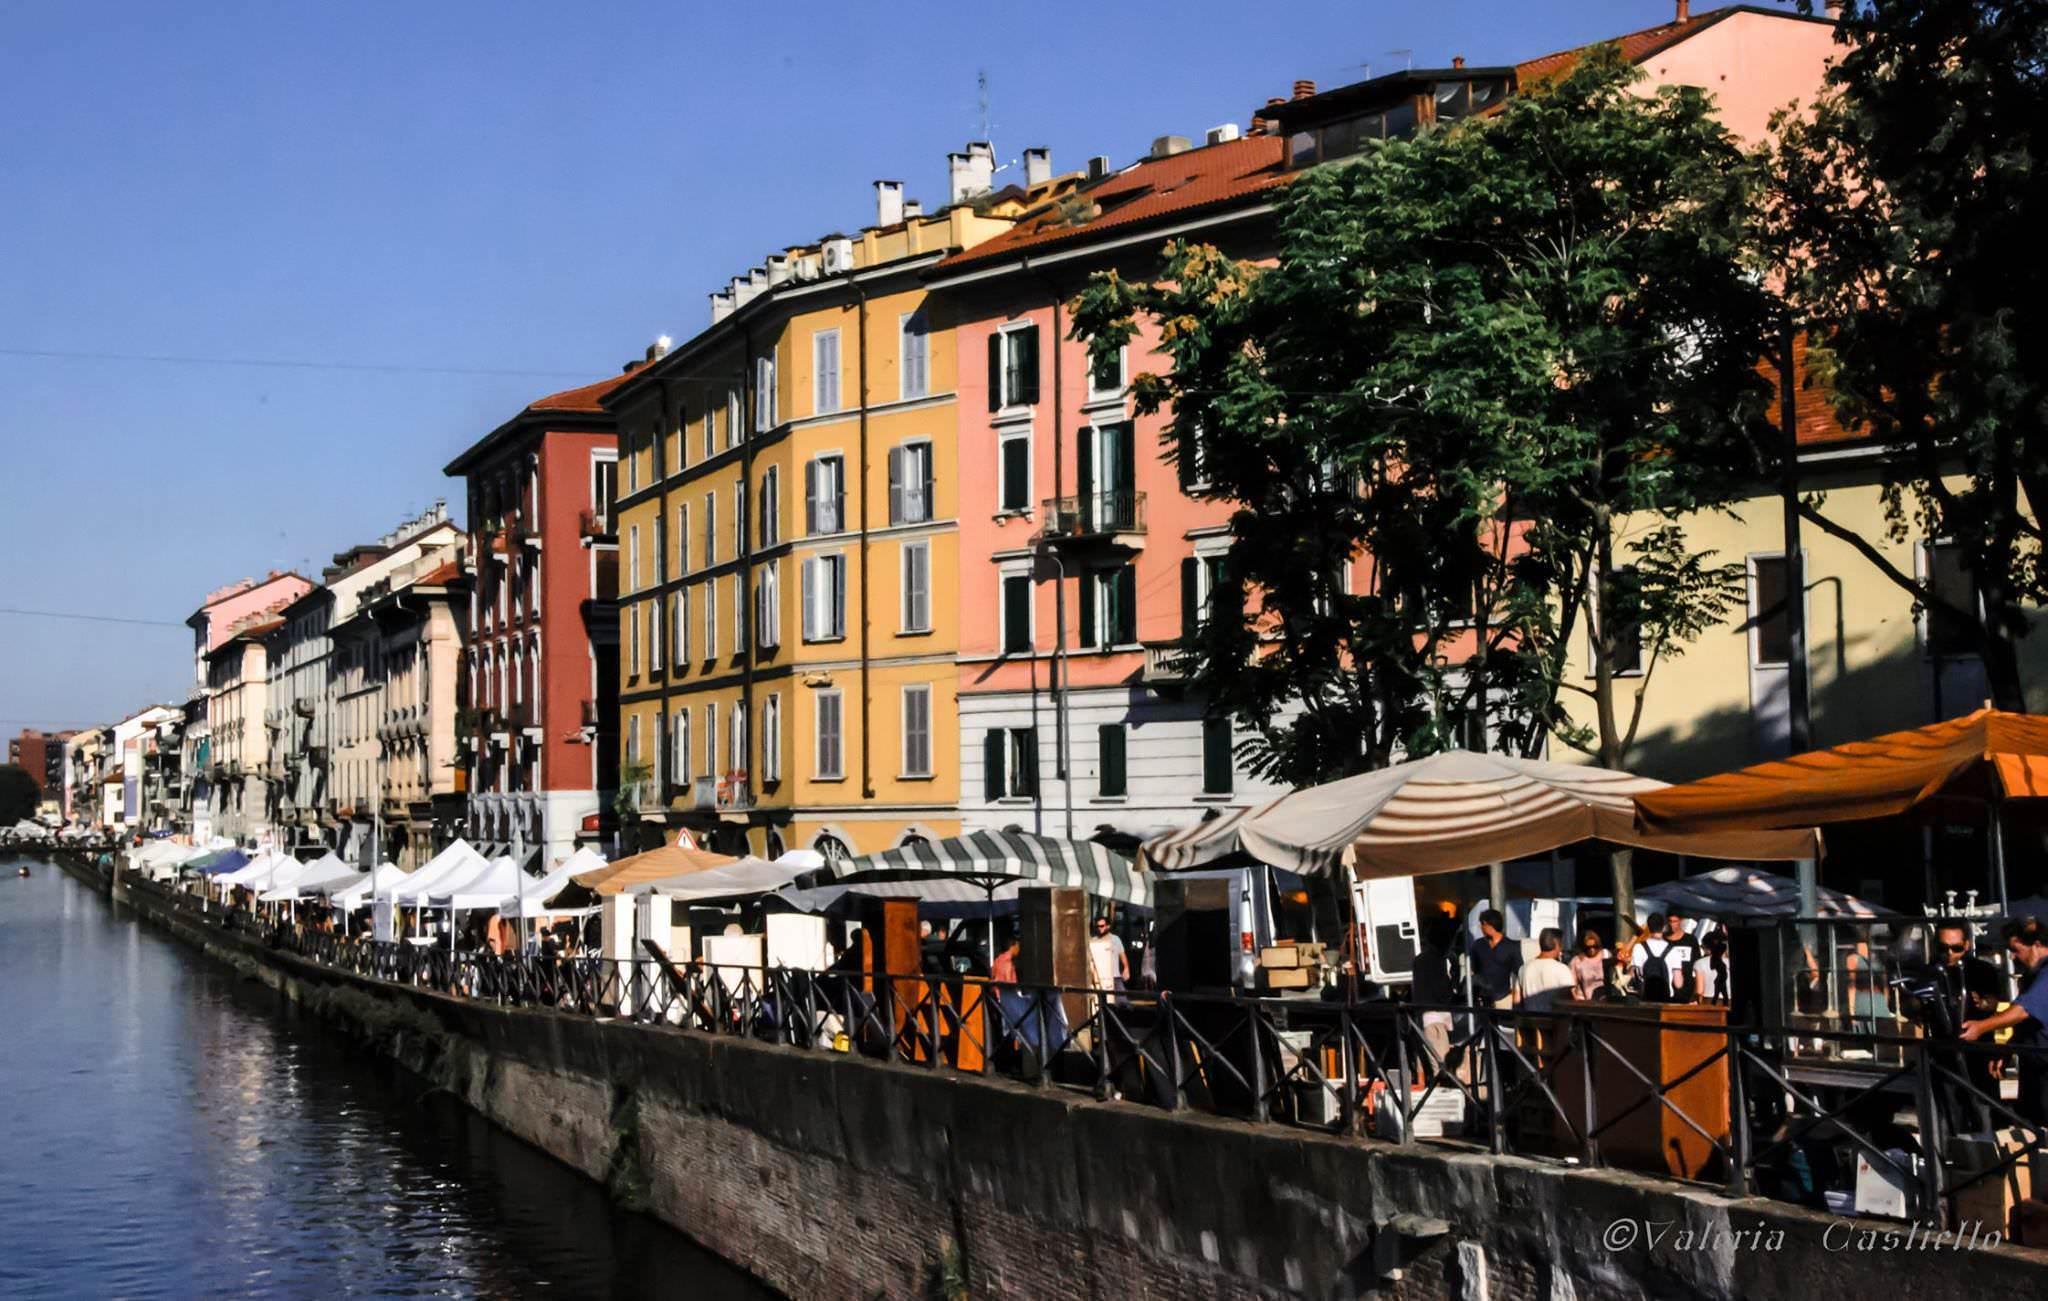 Mercato d'antiquariato sul naviglio grande, Milano